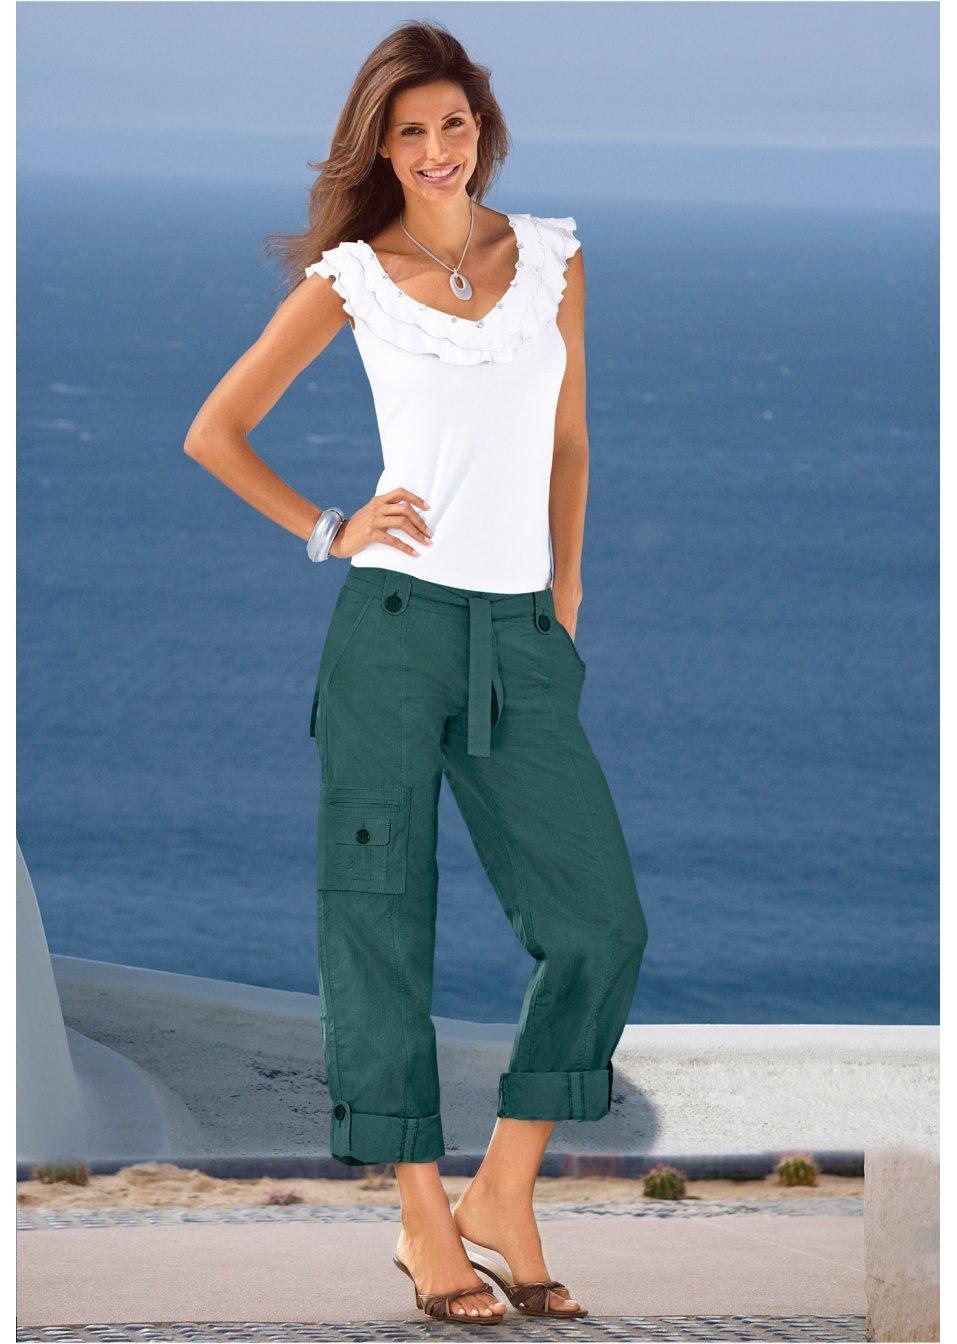 Mode Femme Vêtements DJLfdOFlkj Pantalon élégant avec ceinture et poches vert pétrole